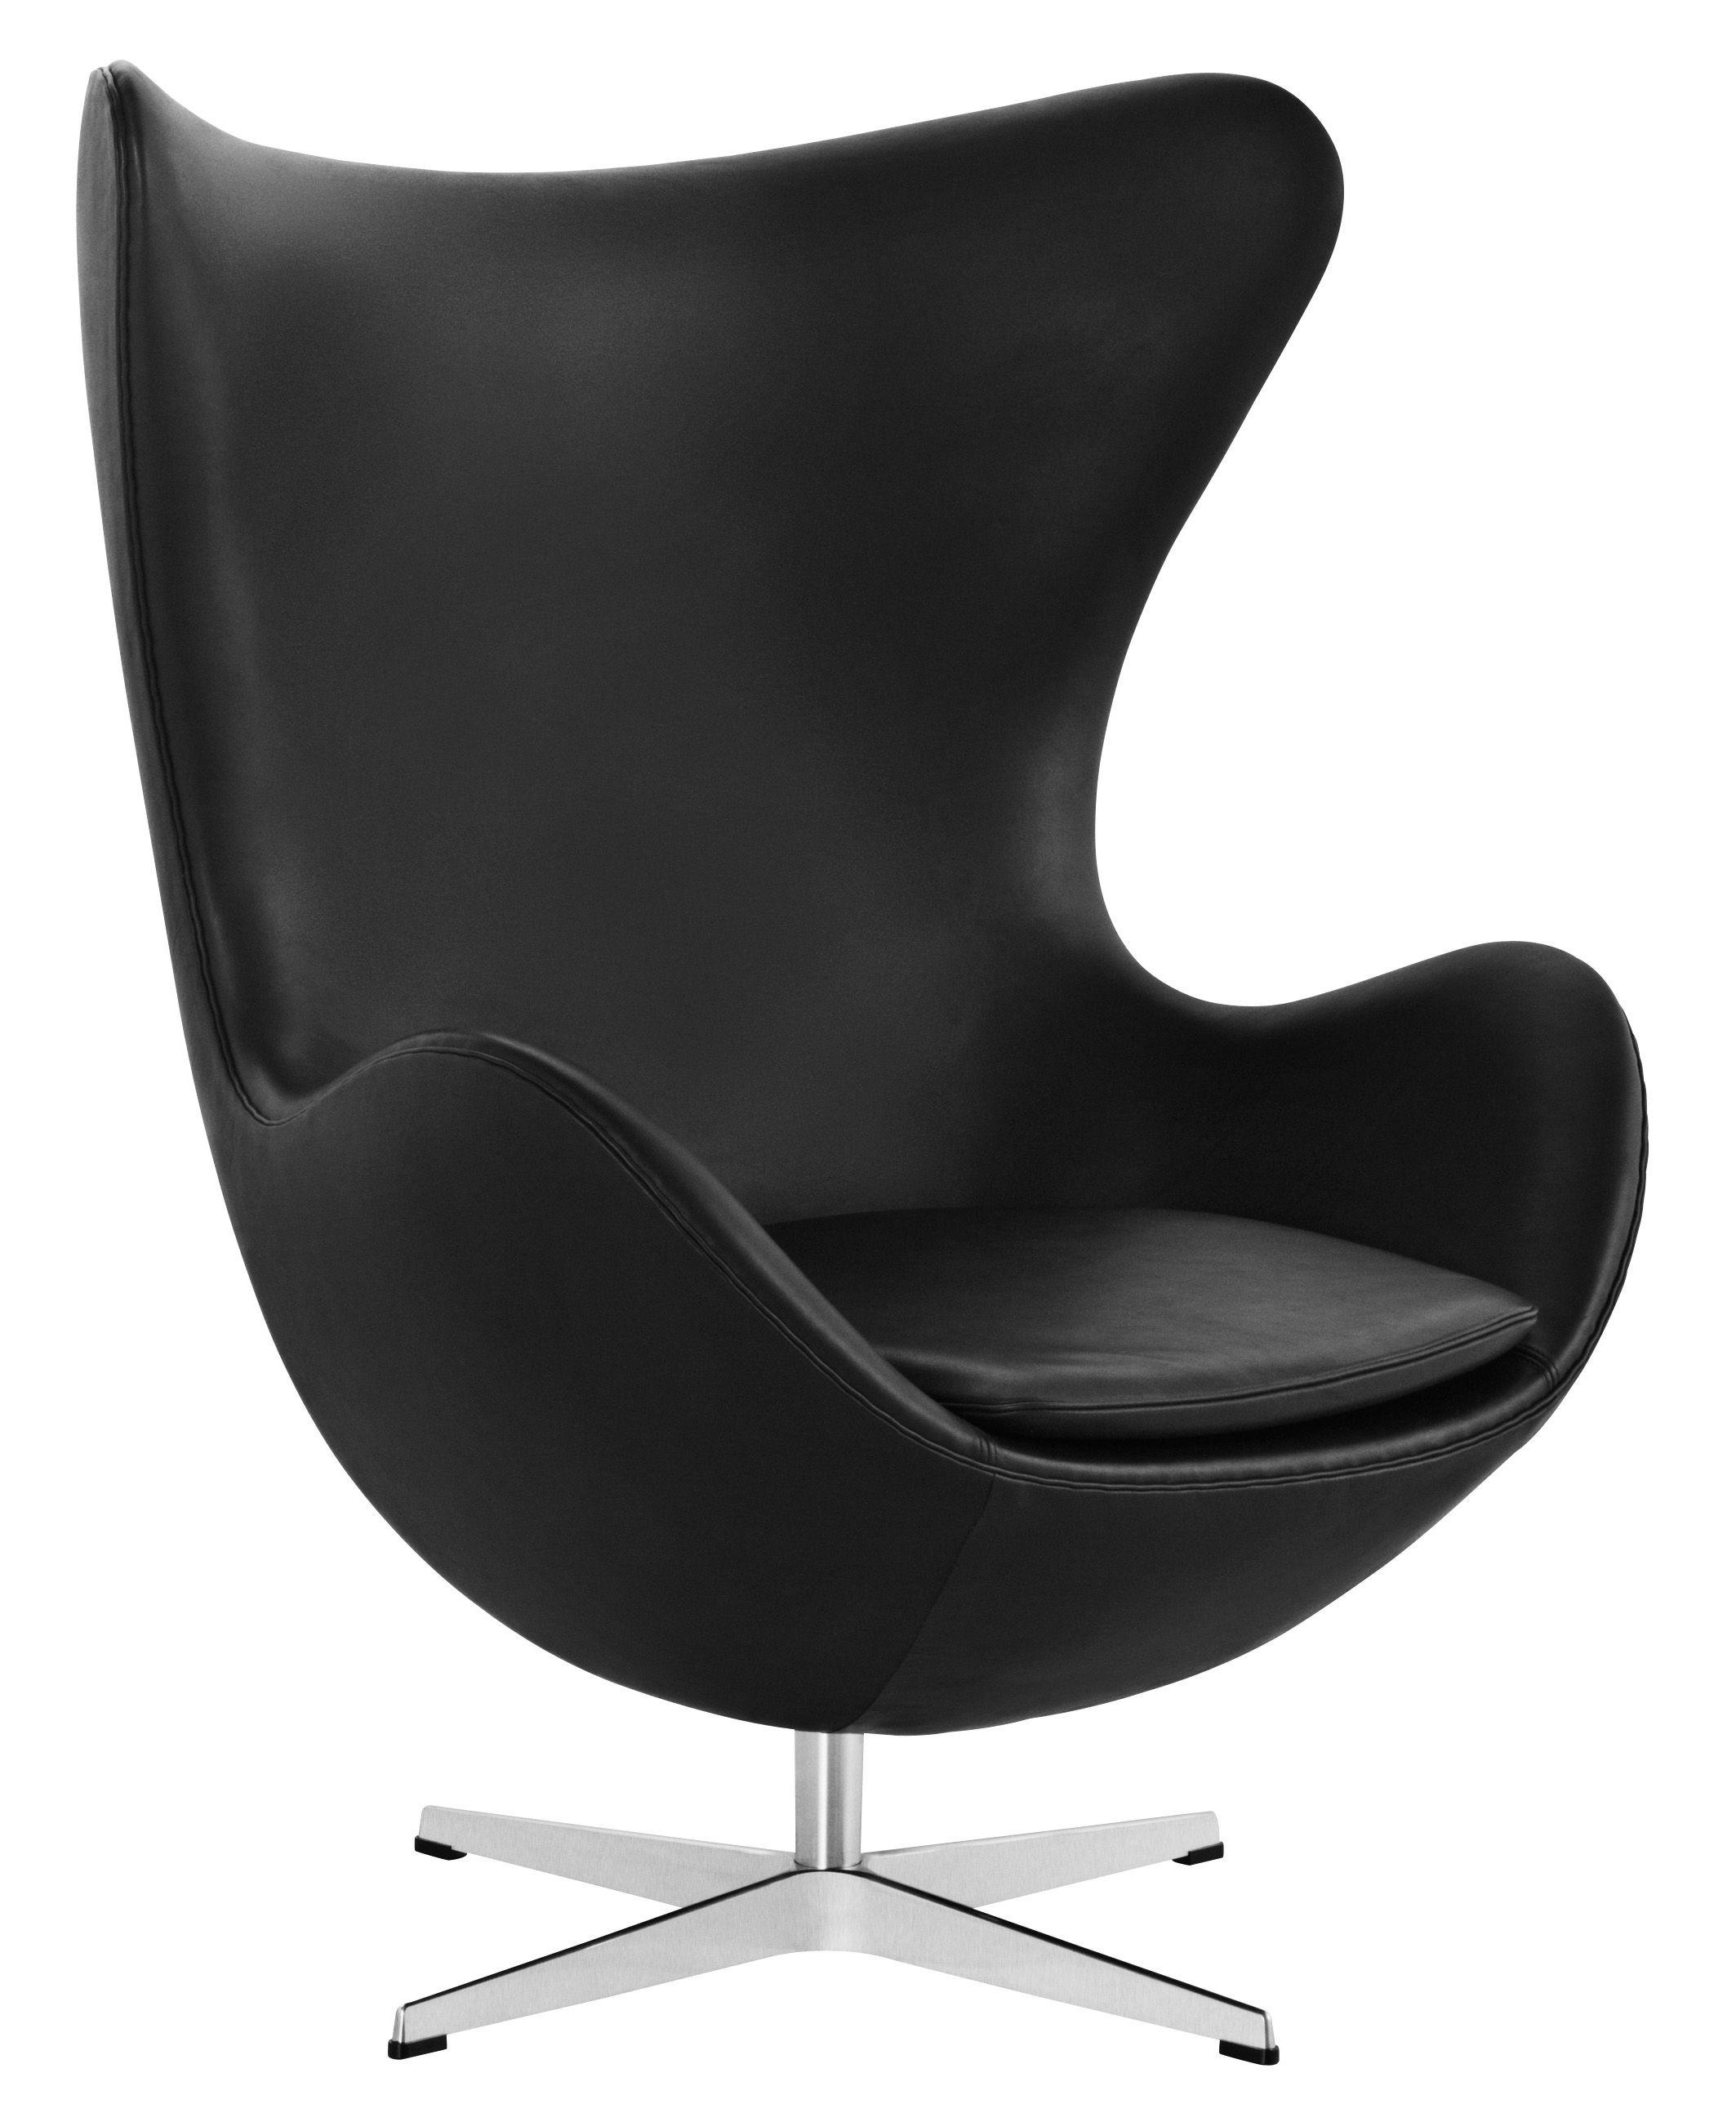 Arredamento - Poltrone design  - Poltrona girevole Egg chair - pelle di Fritz Hansen - Pelle nera - Alluminio lucido, Fibra di vetro, Pelle pieno fiore, Schiuma di poliuretano